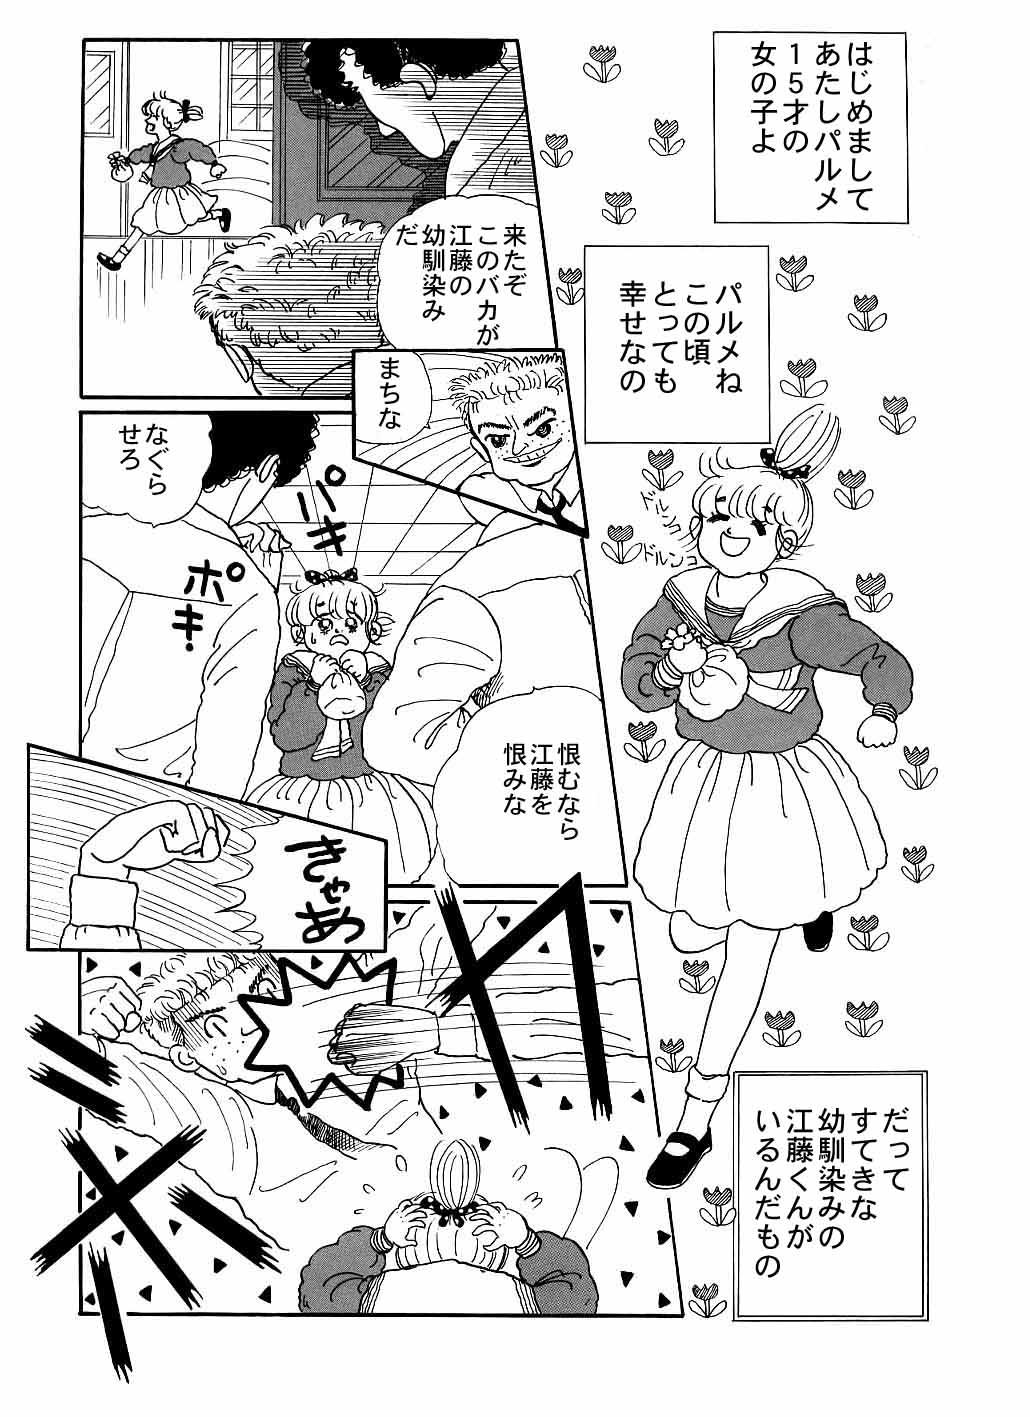 ホラー漫画画像03_20110122033250.jpg